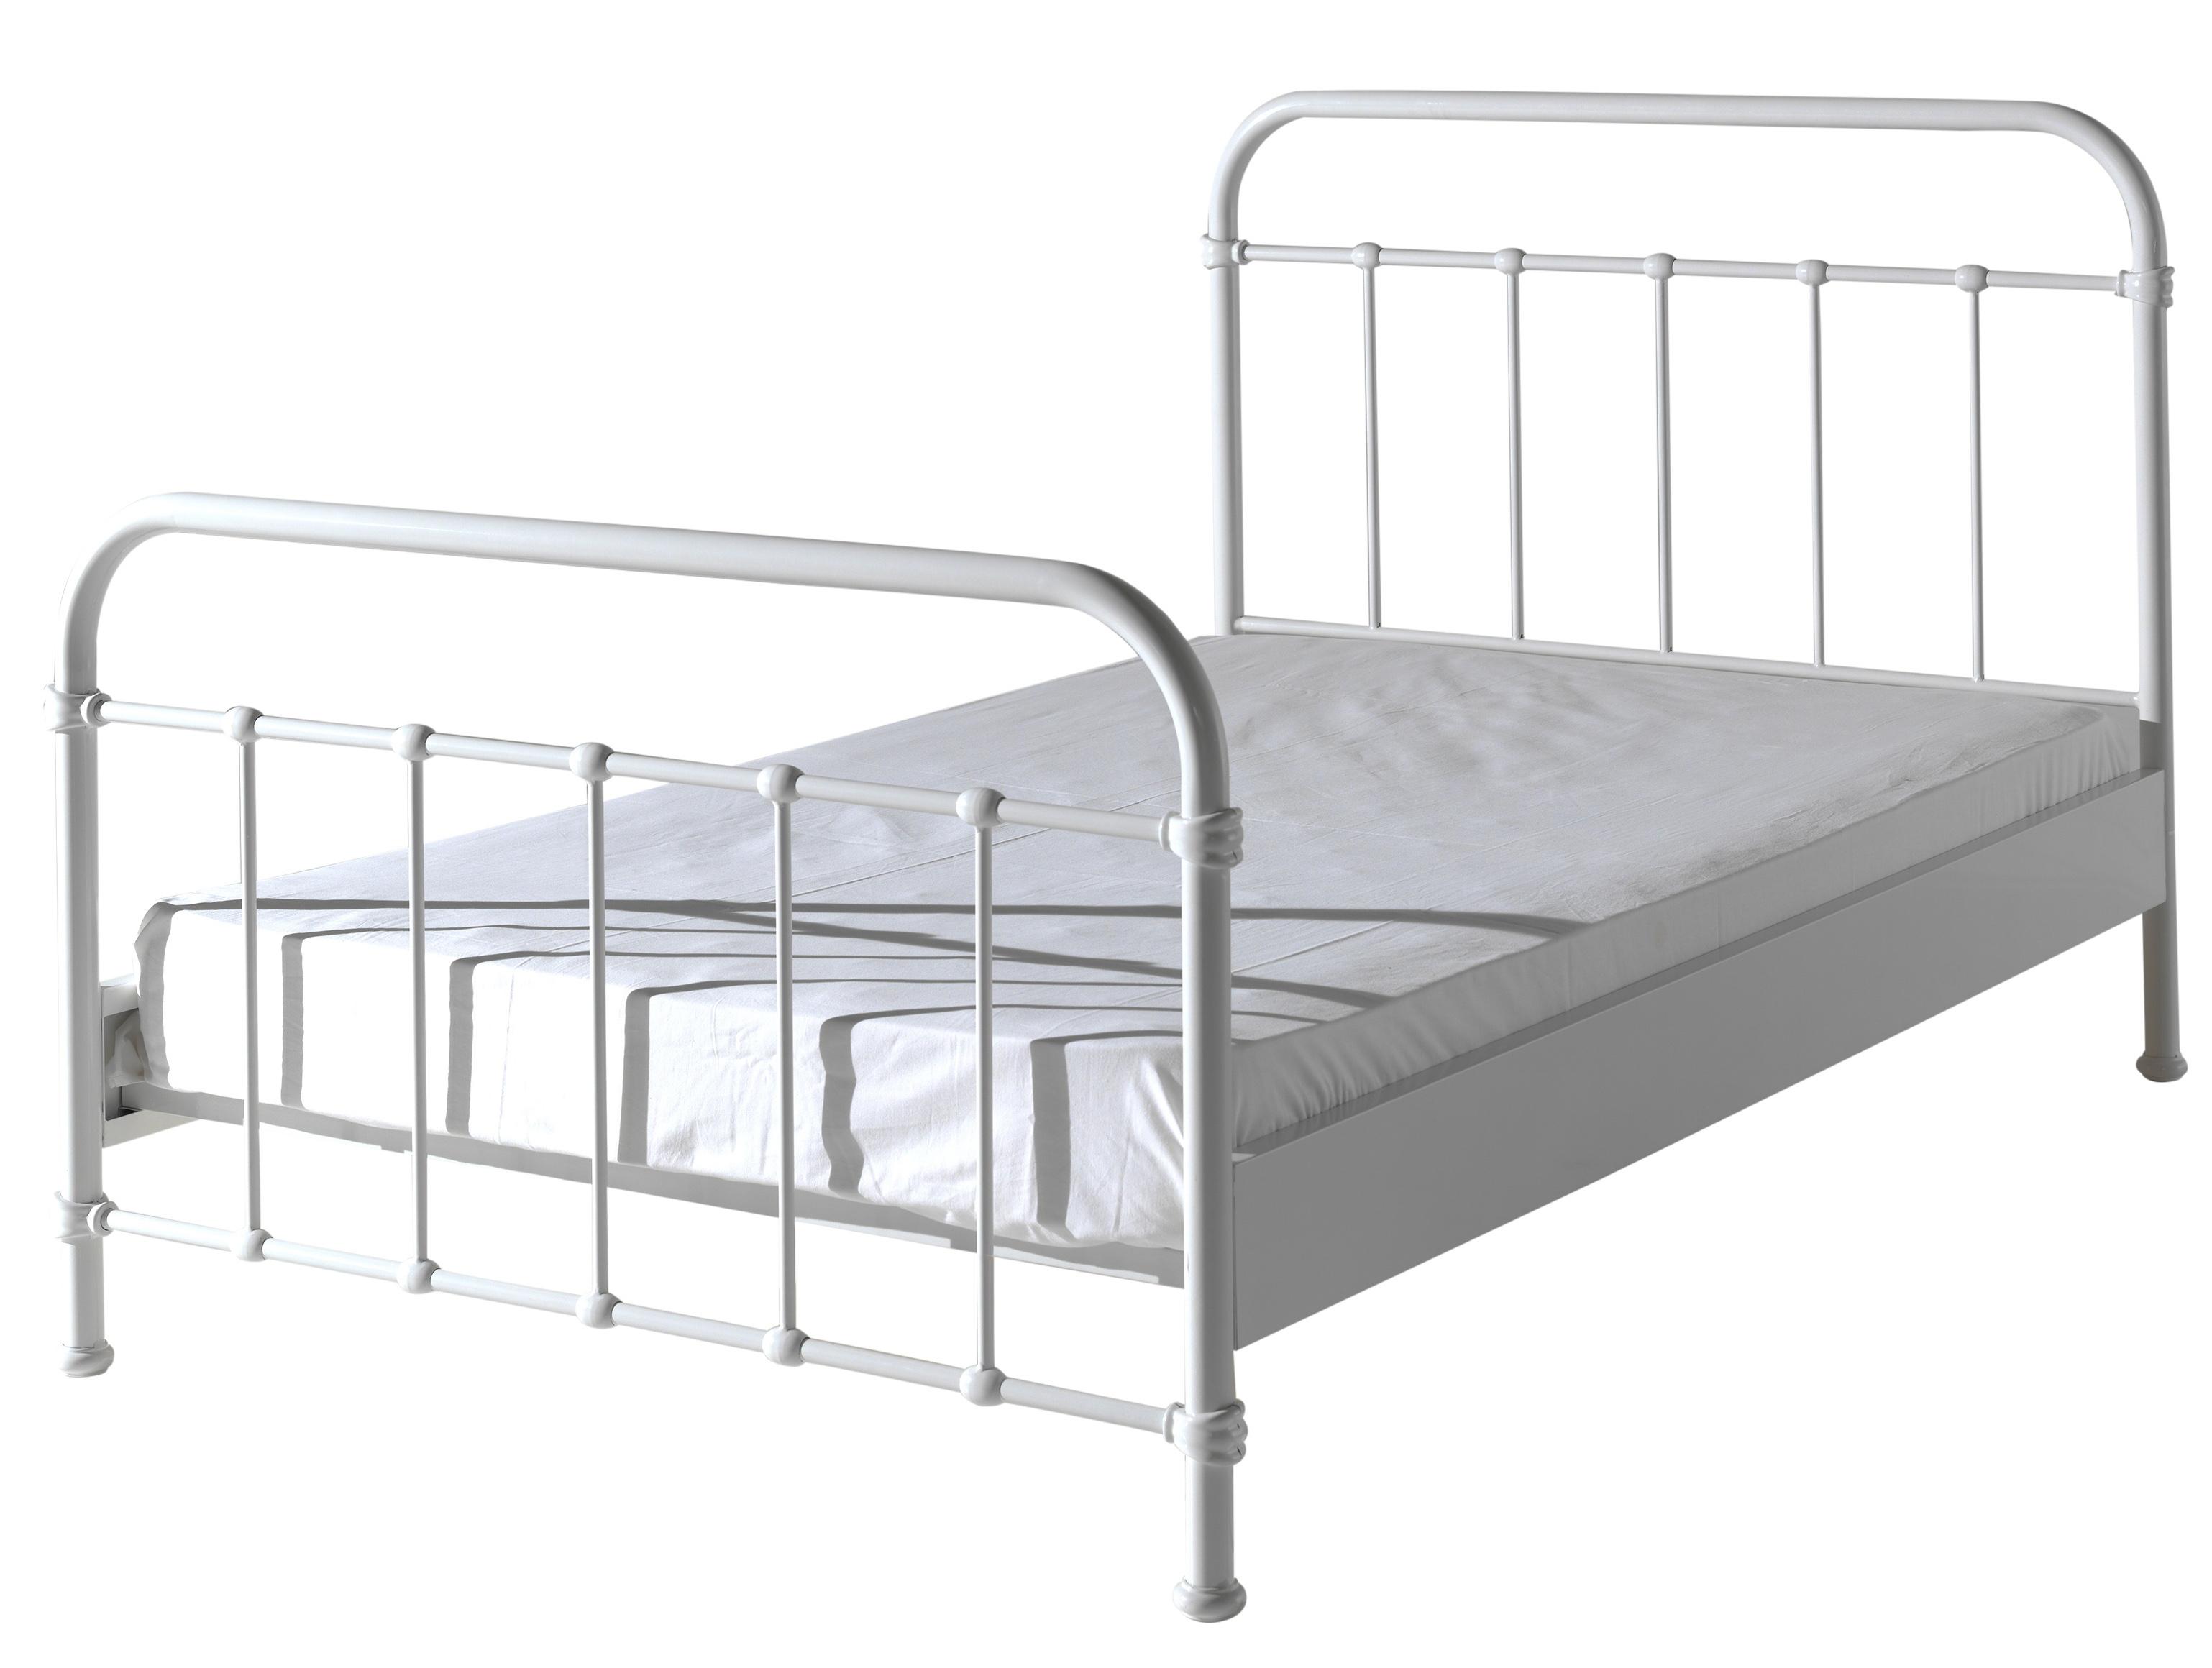 lit m tal blanc june 120. Black Bedroom Furniture Sets. Home Design Ideas